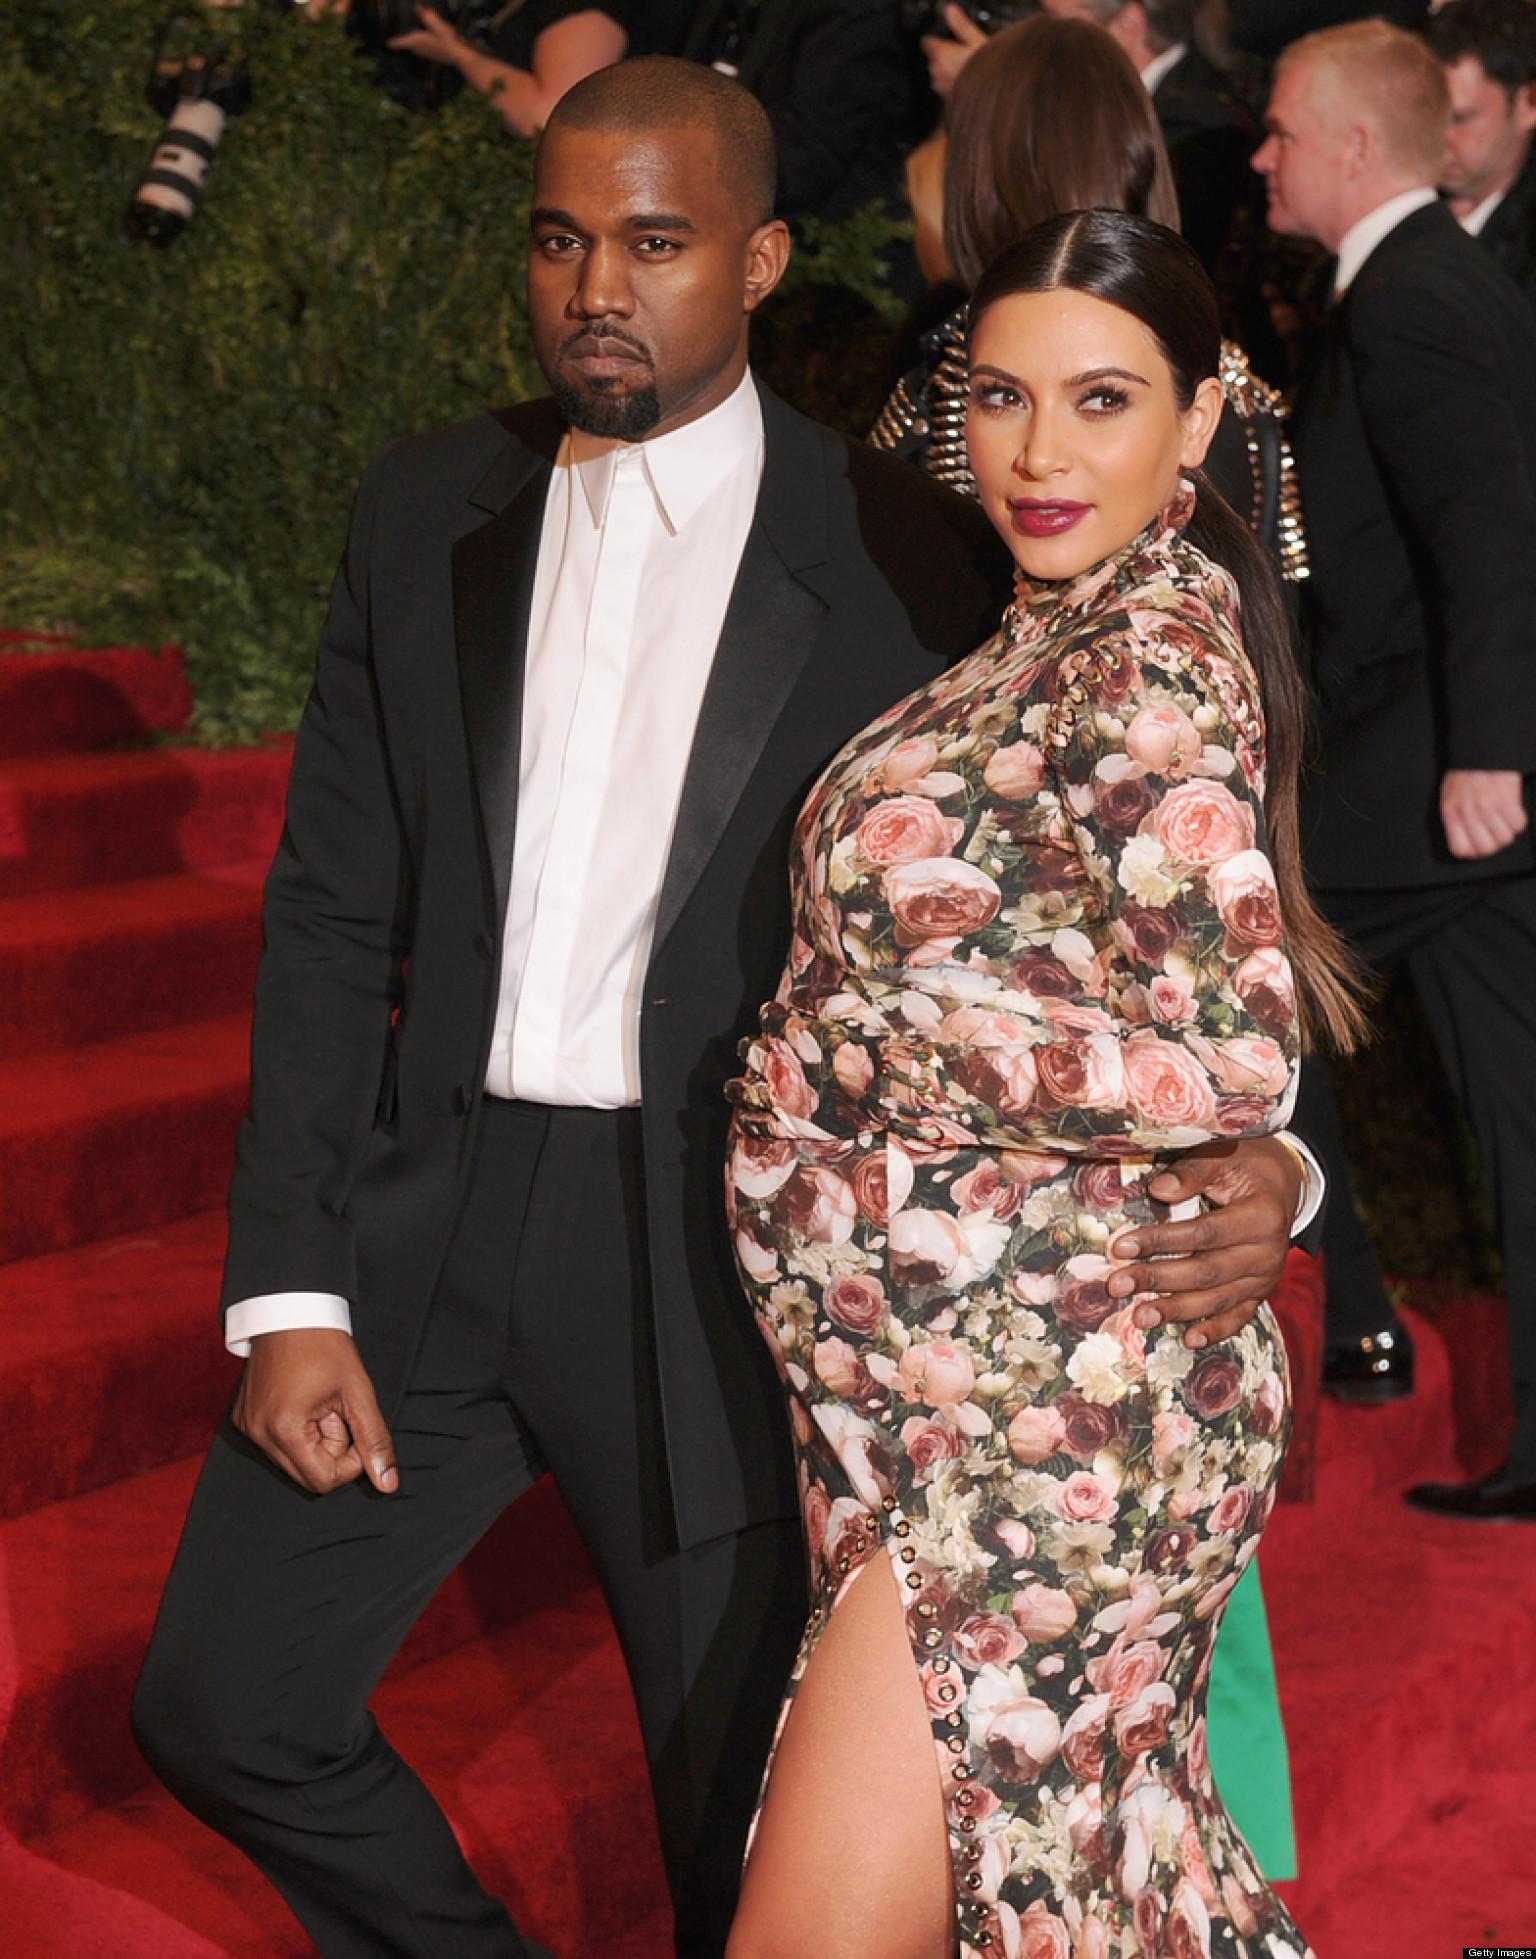 Kim Kardashian Celebrates Baby Shower With Kanye West By Her Side